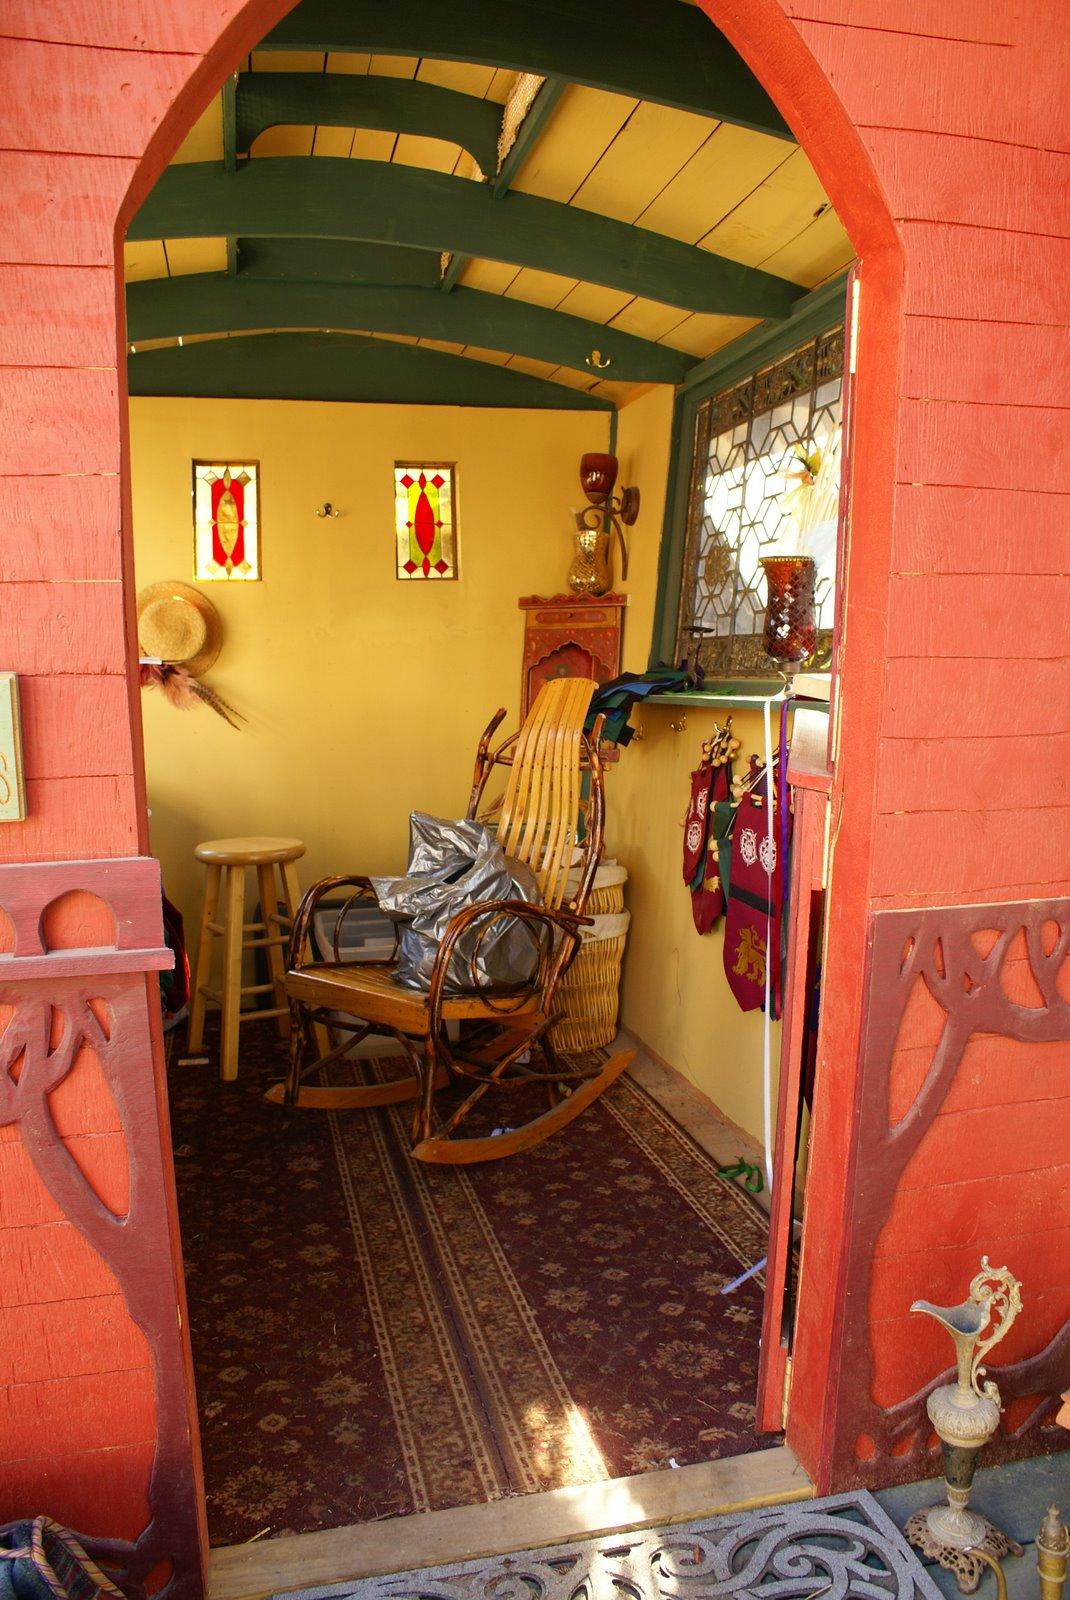 Daphne S Caravans Magical Retreats